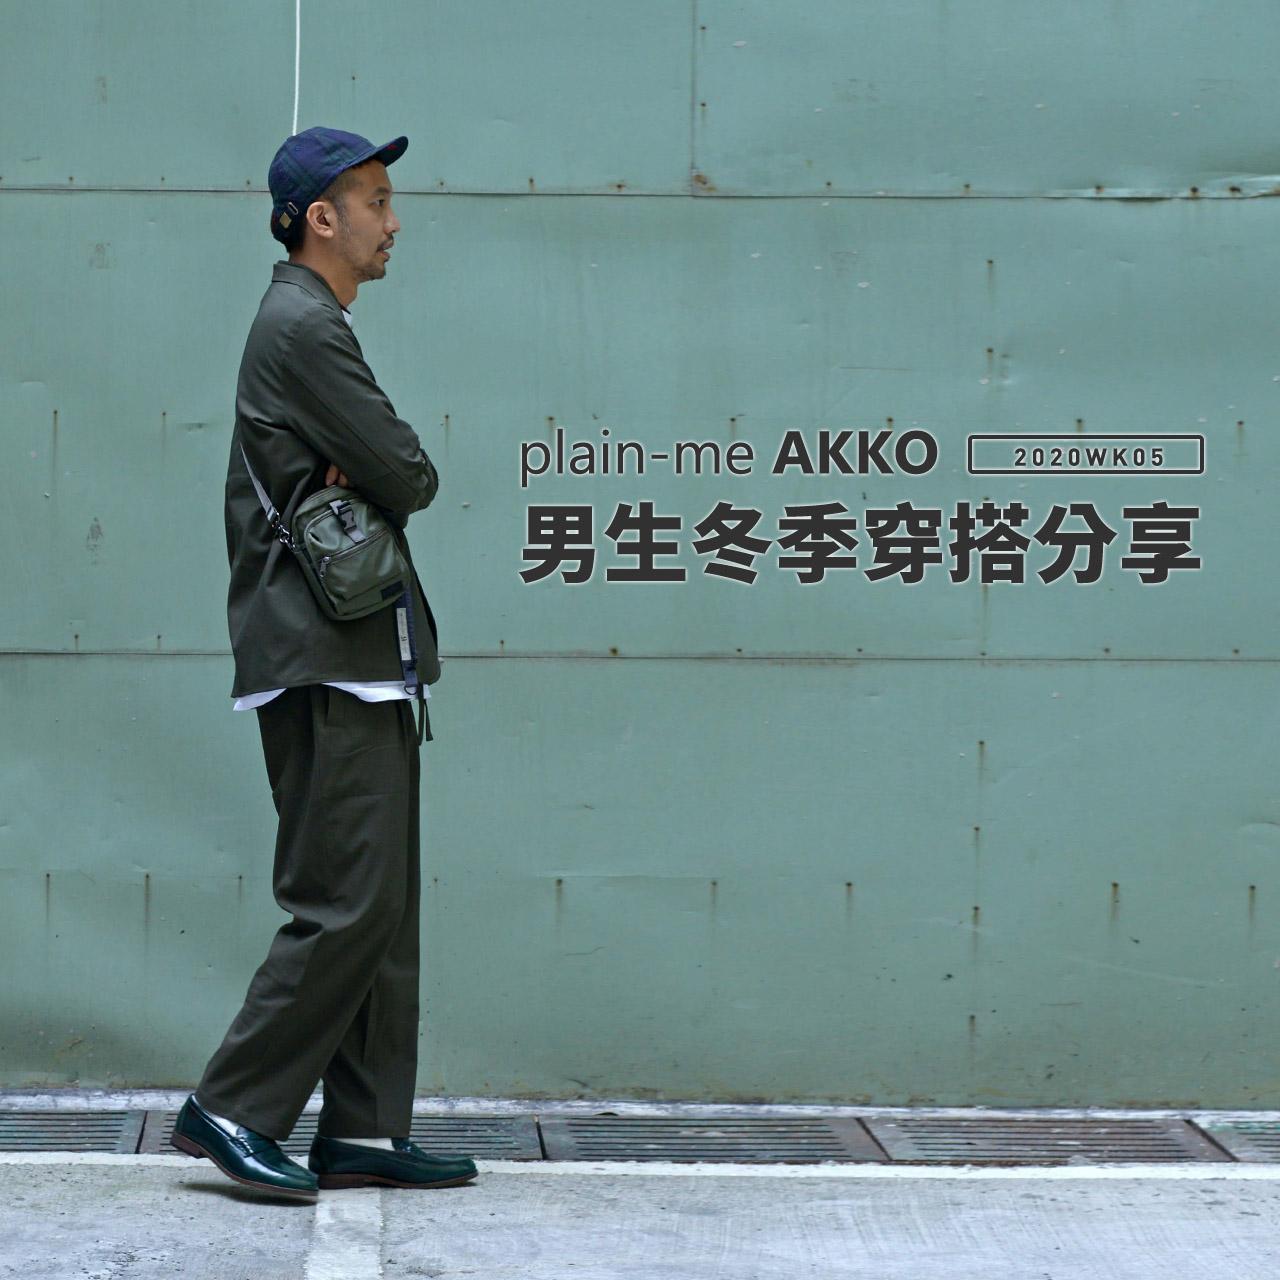 冬季穿搭,男生穿搭,街頭,西裝,休閒搭配,akko,akko 褲,一週搭配,街頭搭配,搭配型人,街頭型人,皮鞋,成套,成套穿搭